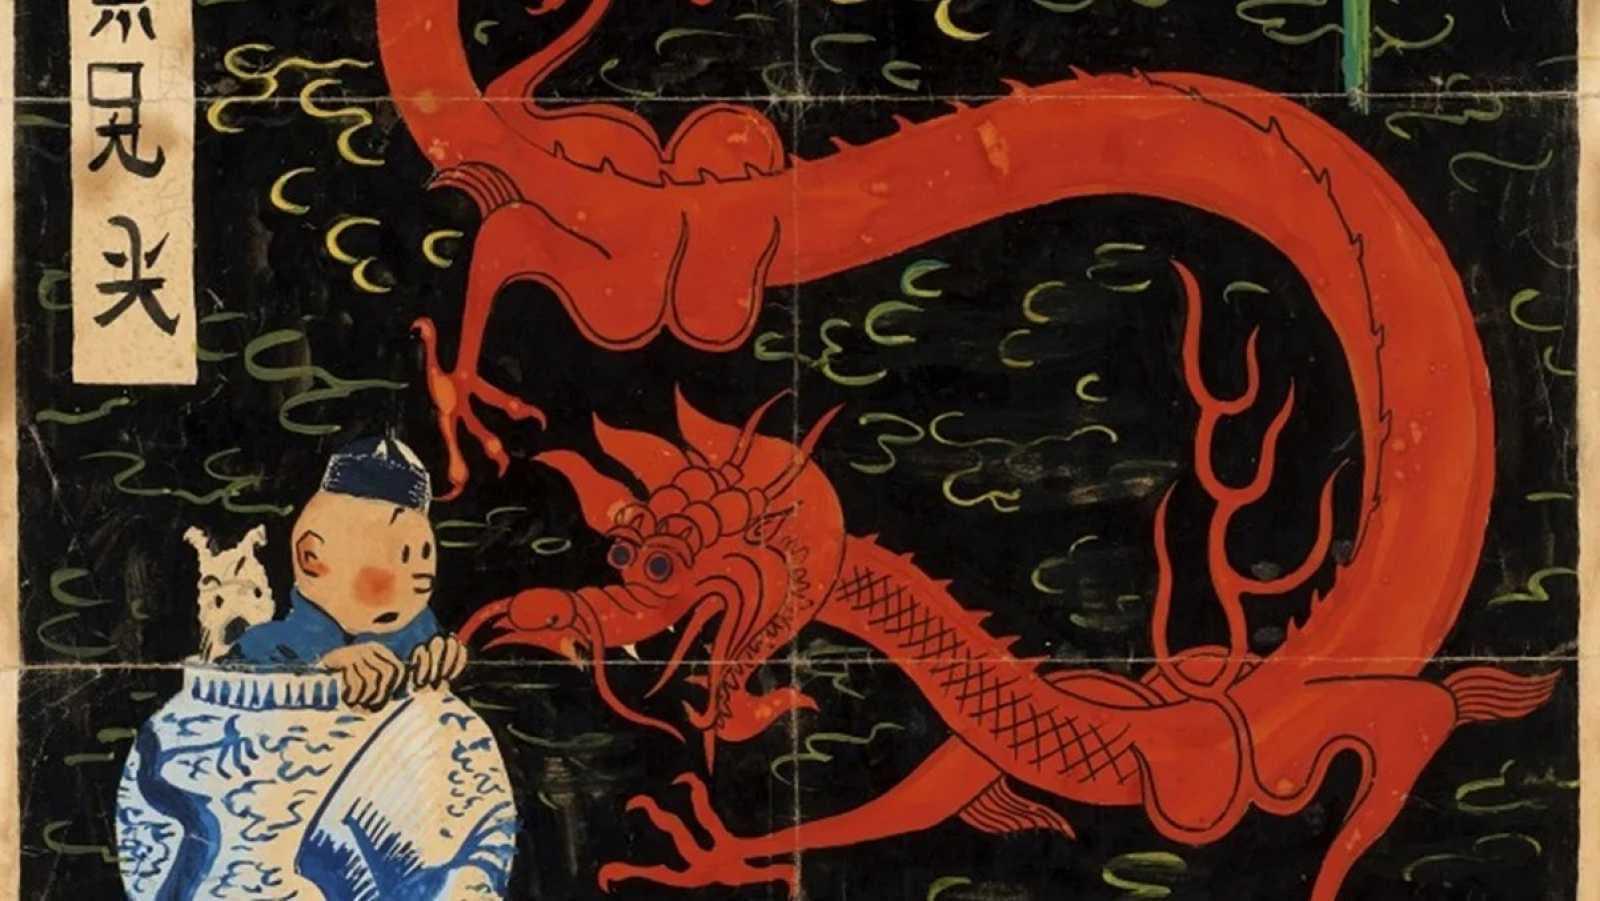 Una portada de 'Tintín' supera todos los récords al ser subastada por 3,1 millones de euros